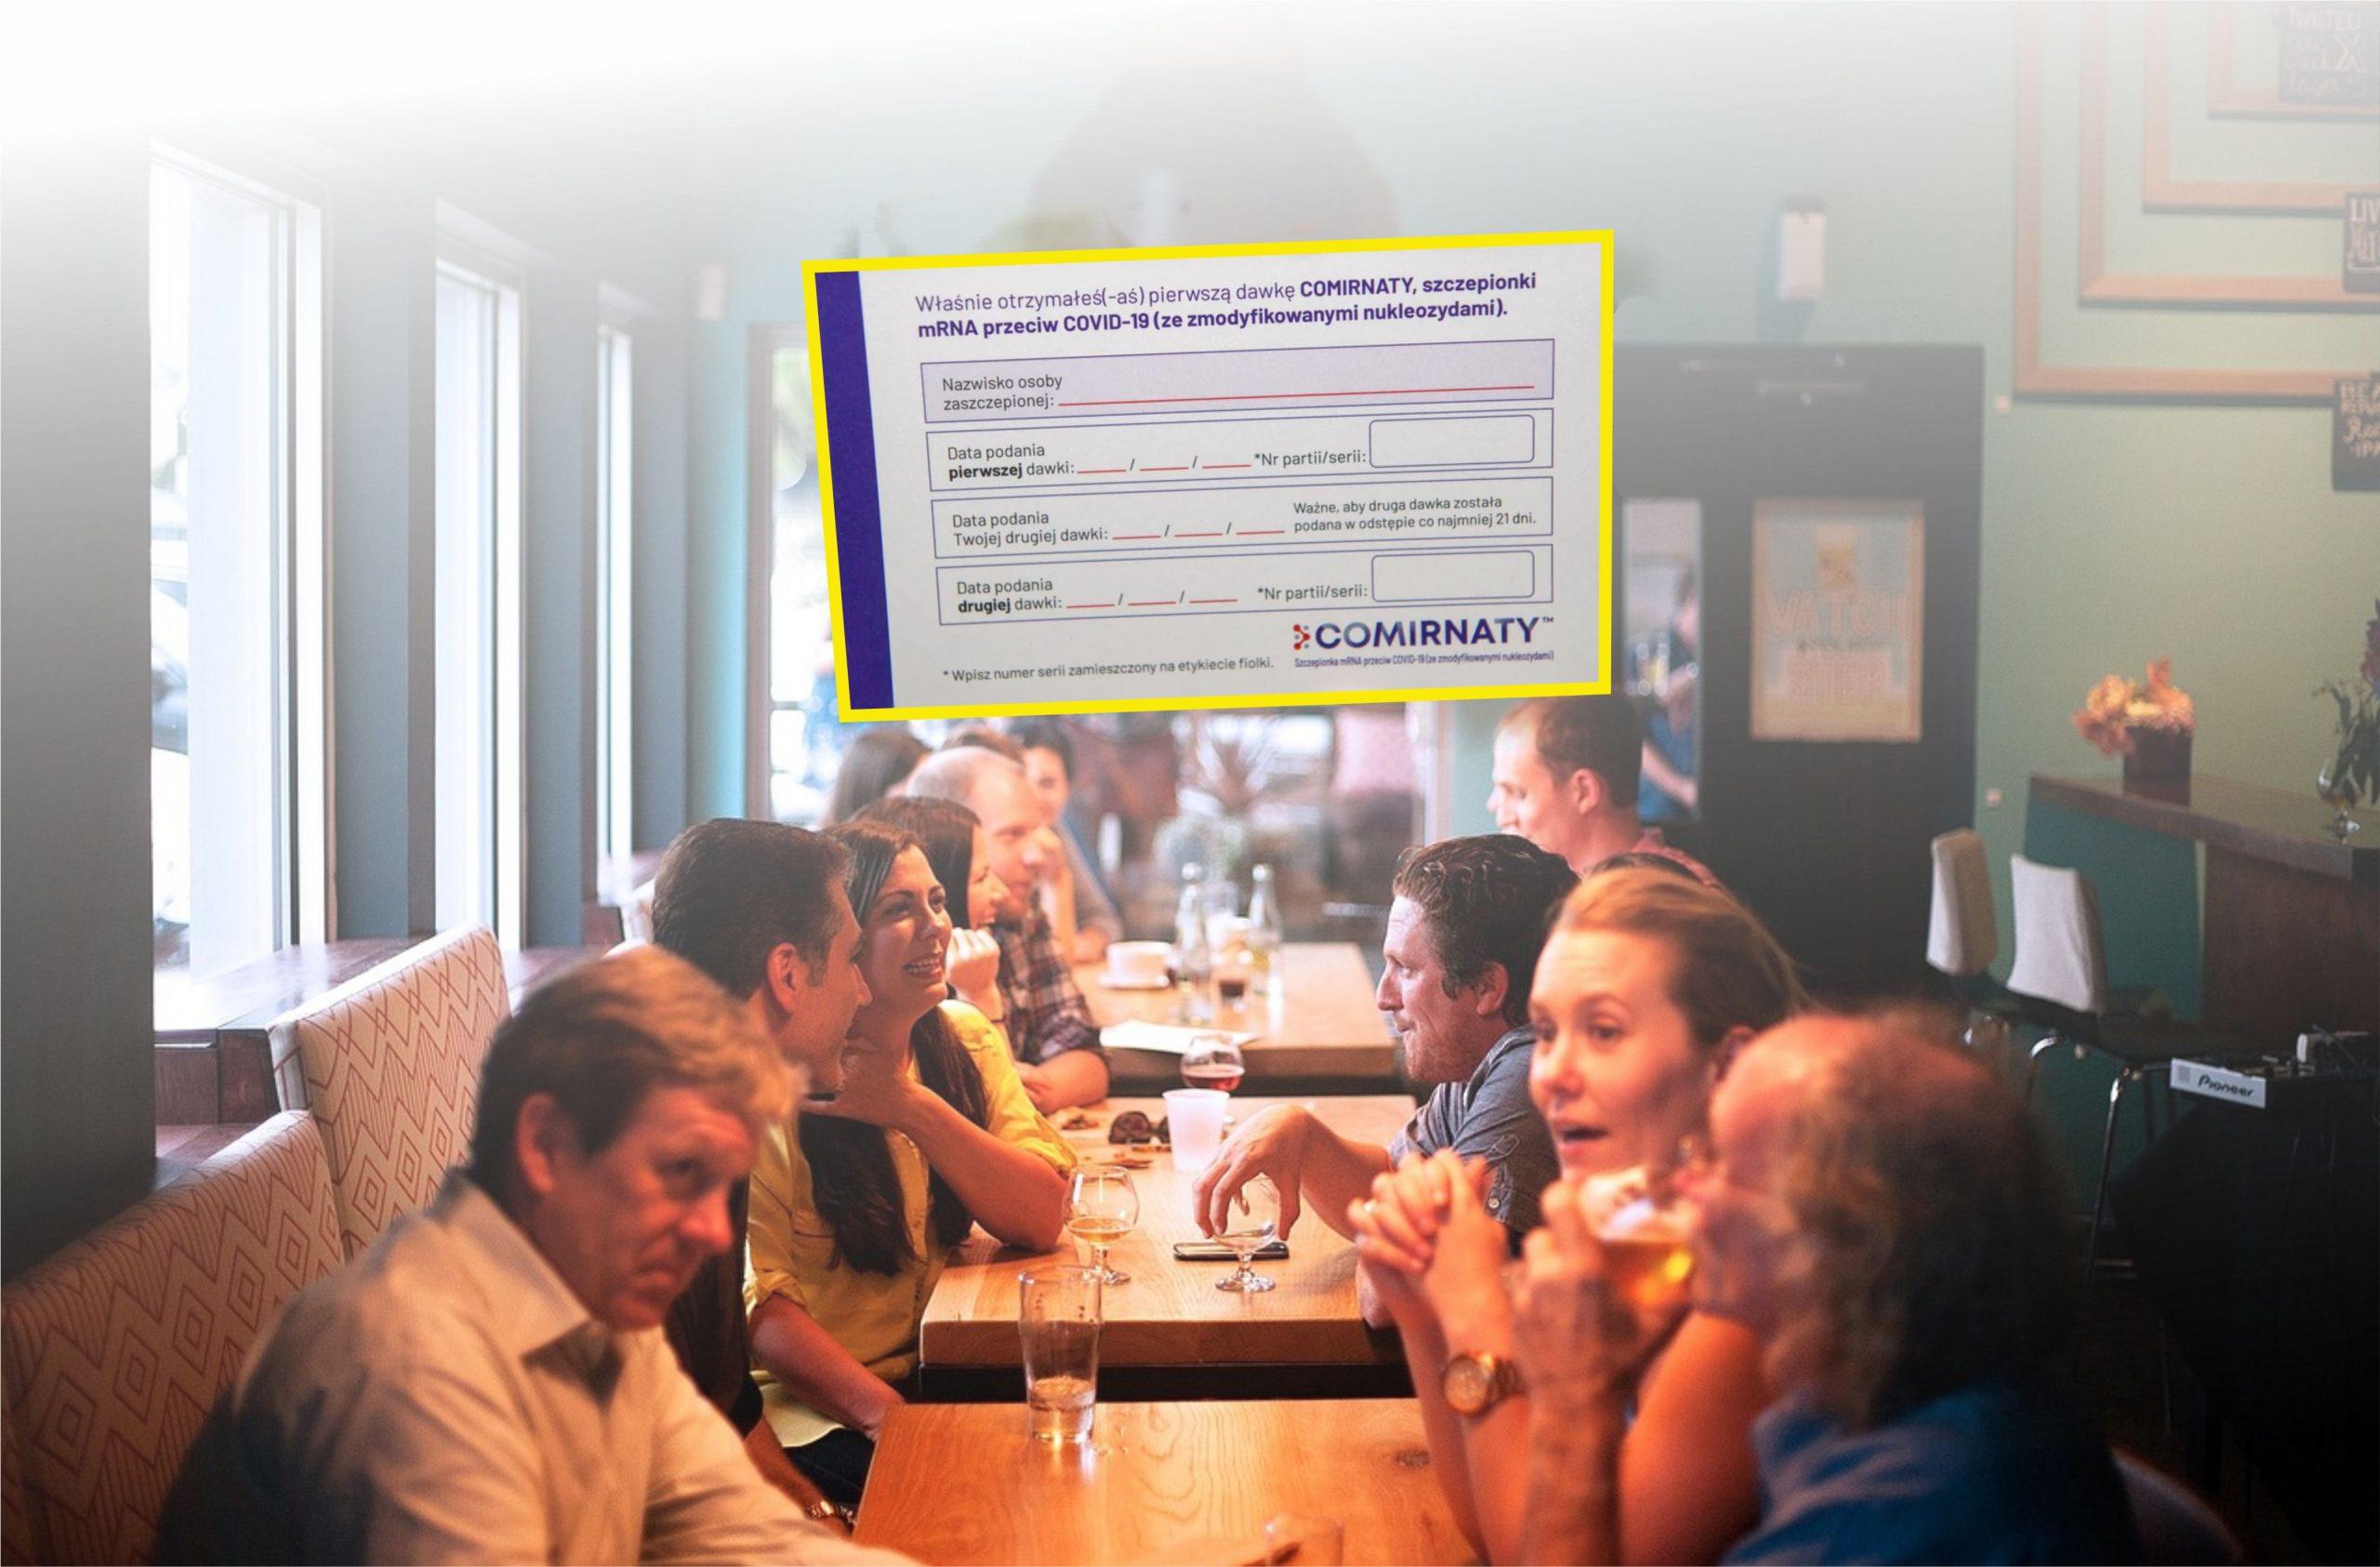 Restauracje tylko dla zaszczepionych? Już wkrótce taki pomysł będzie dyskutowany w rządzie i jak się okazuje ma wielu zwolenników